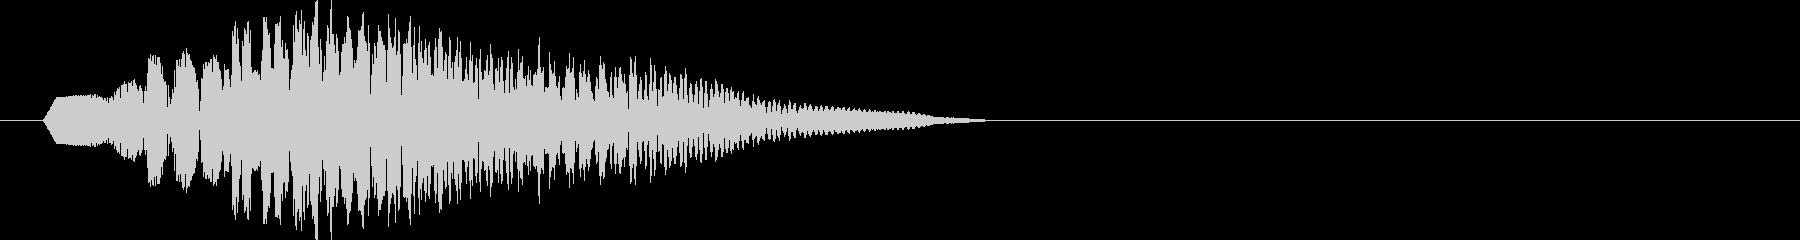 テロップ・通知やアクション2bの未再生の波形